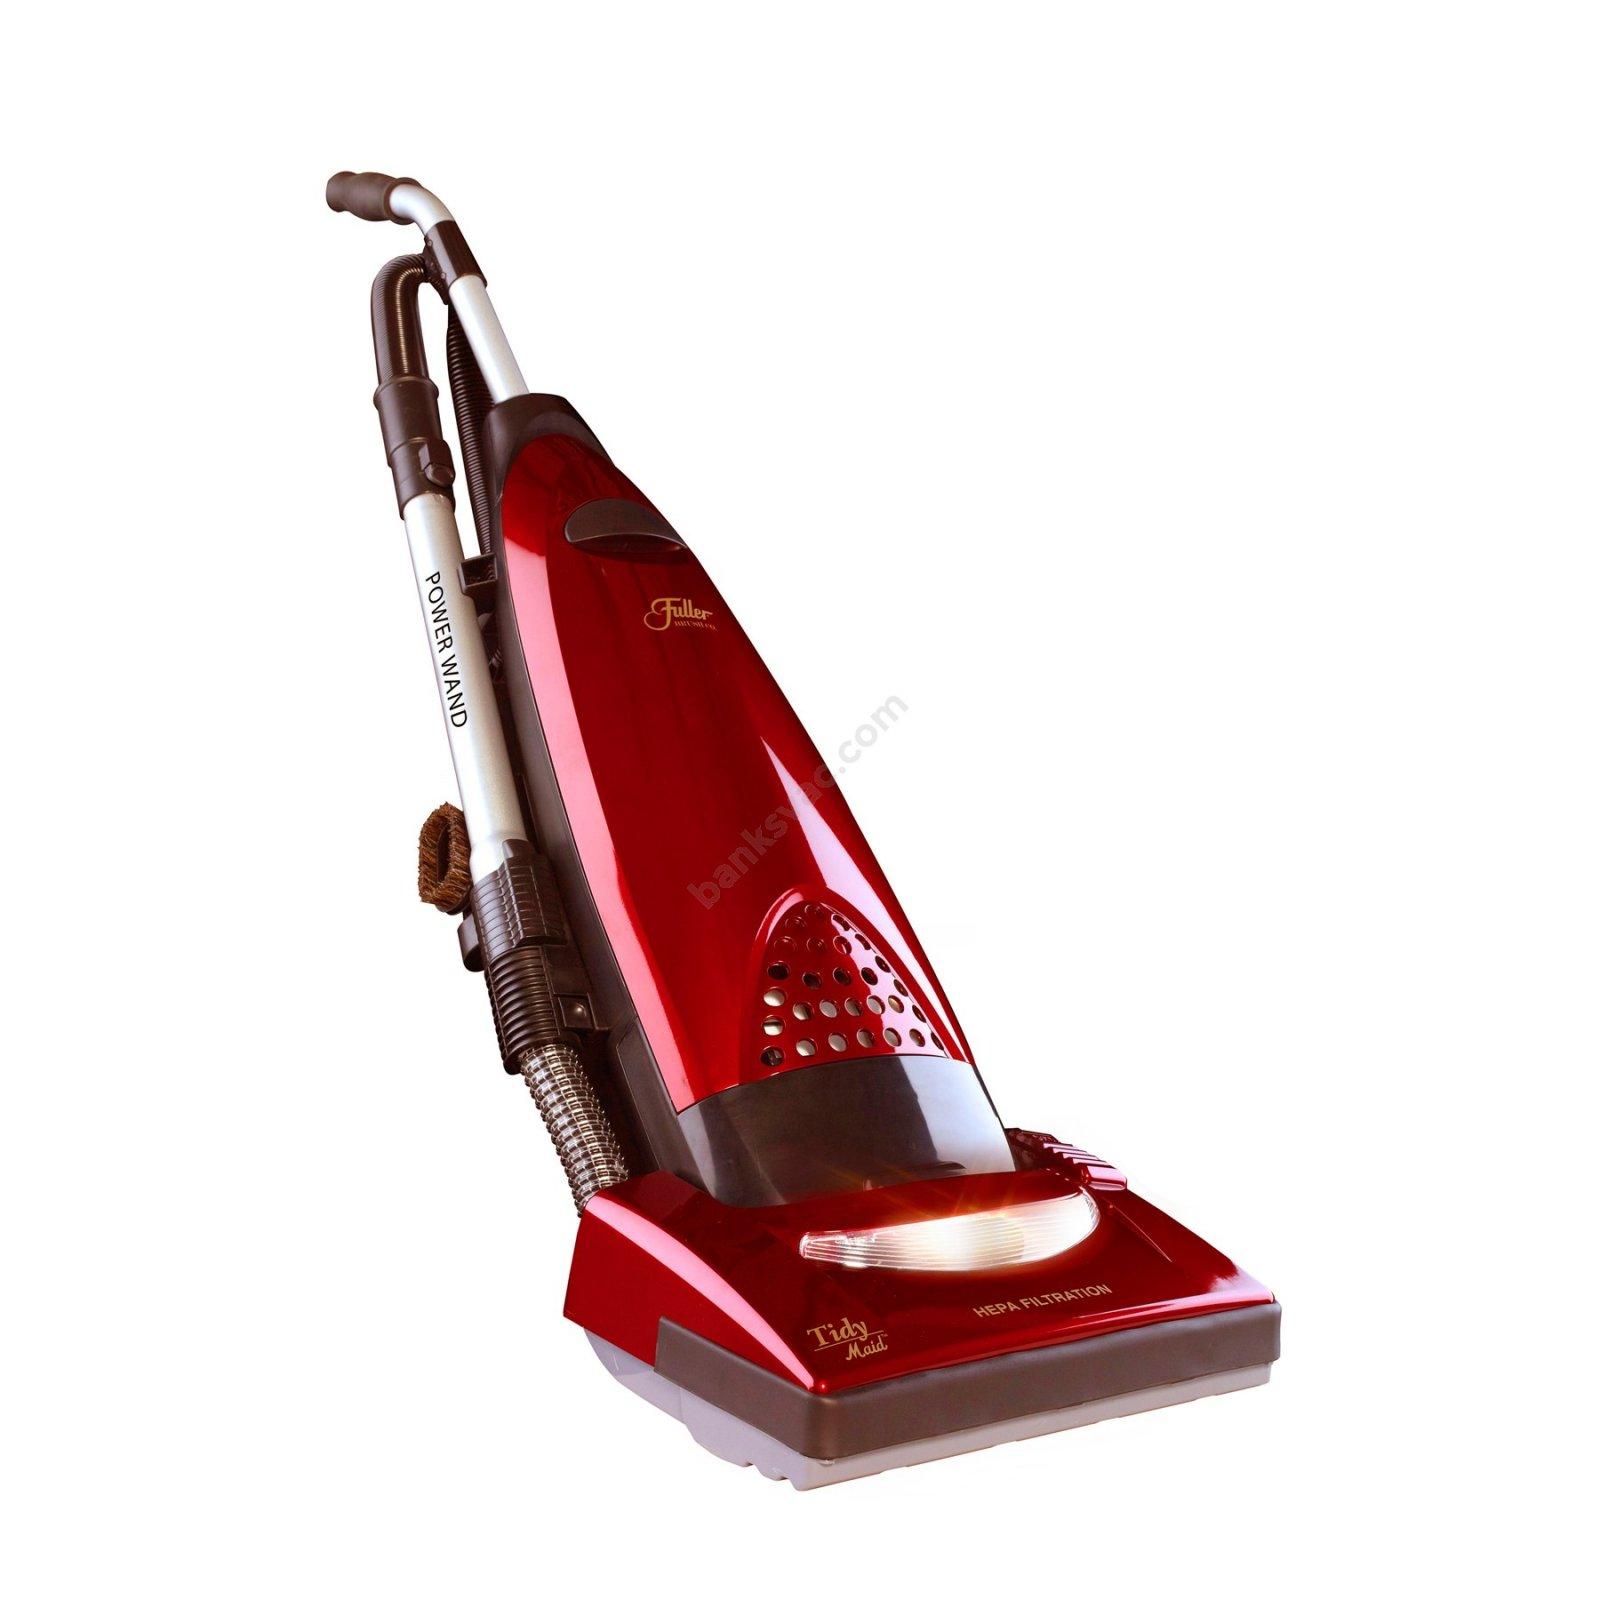 Fuller Brush Tidy Maid Upt w/ att